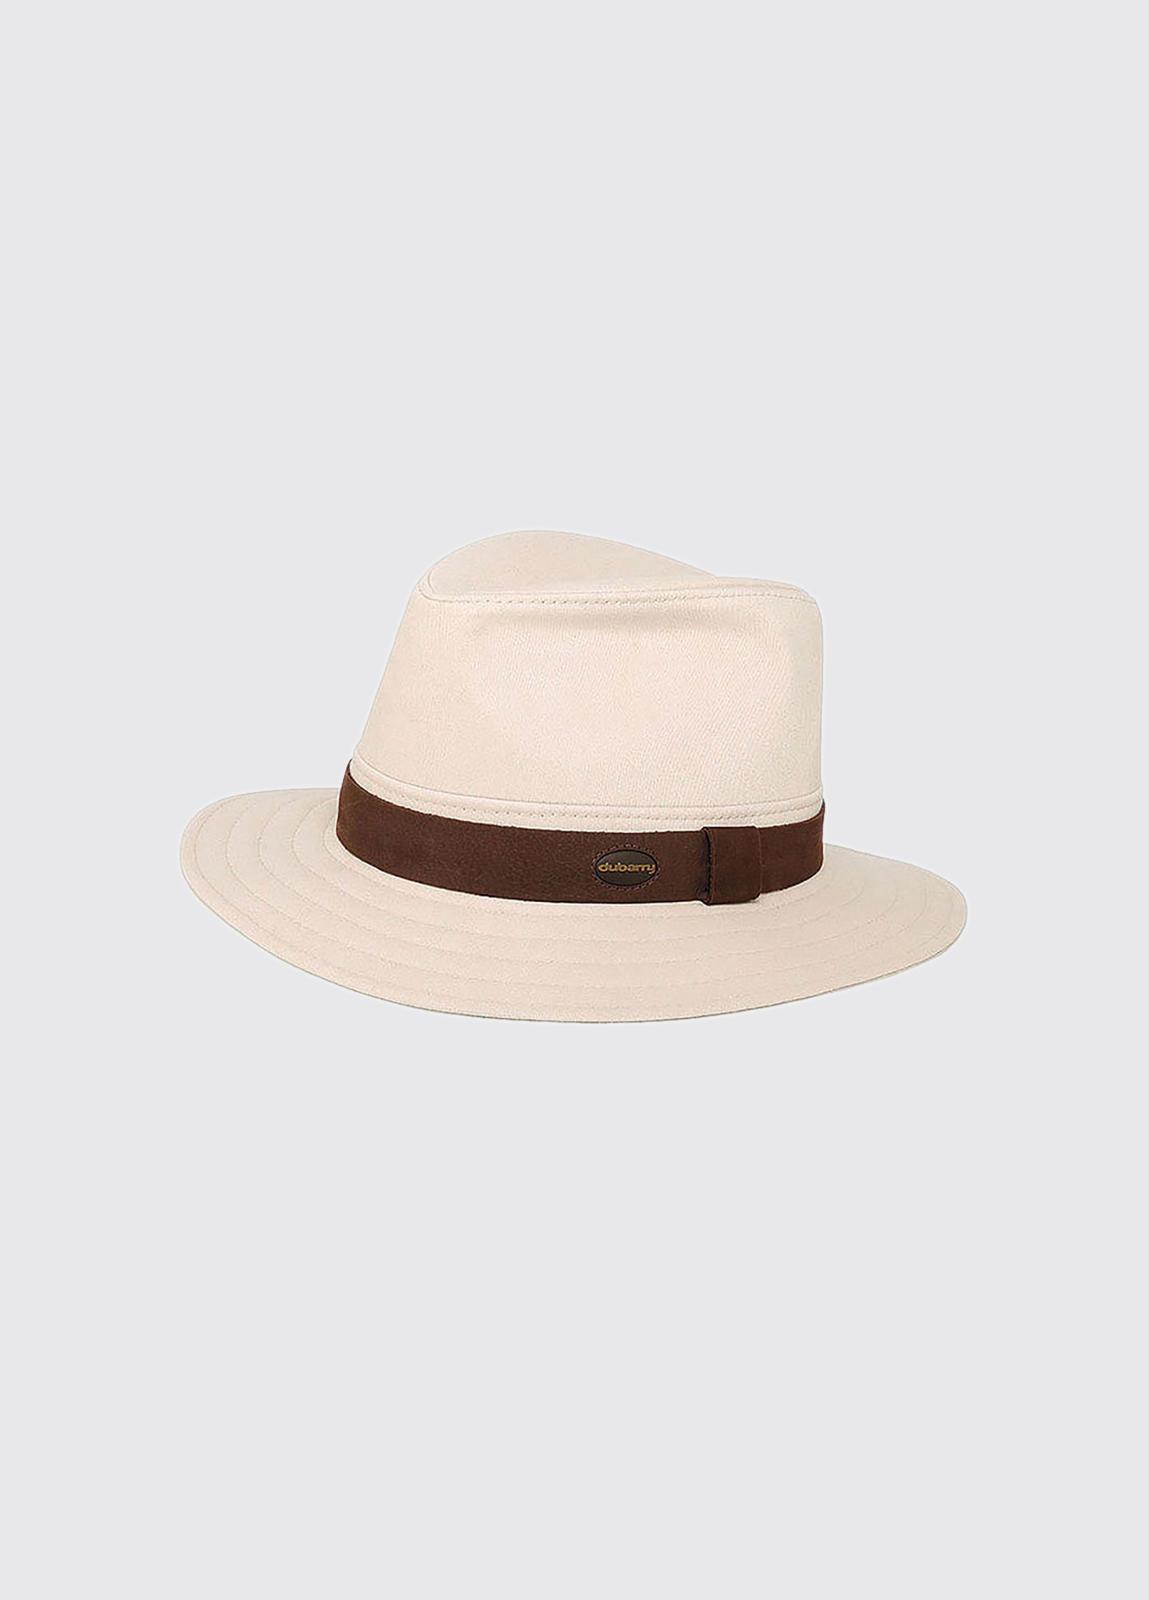 Chapeau Robert style Fedora - Stone